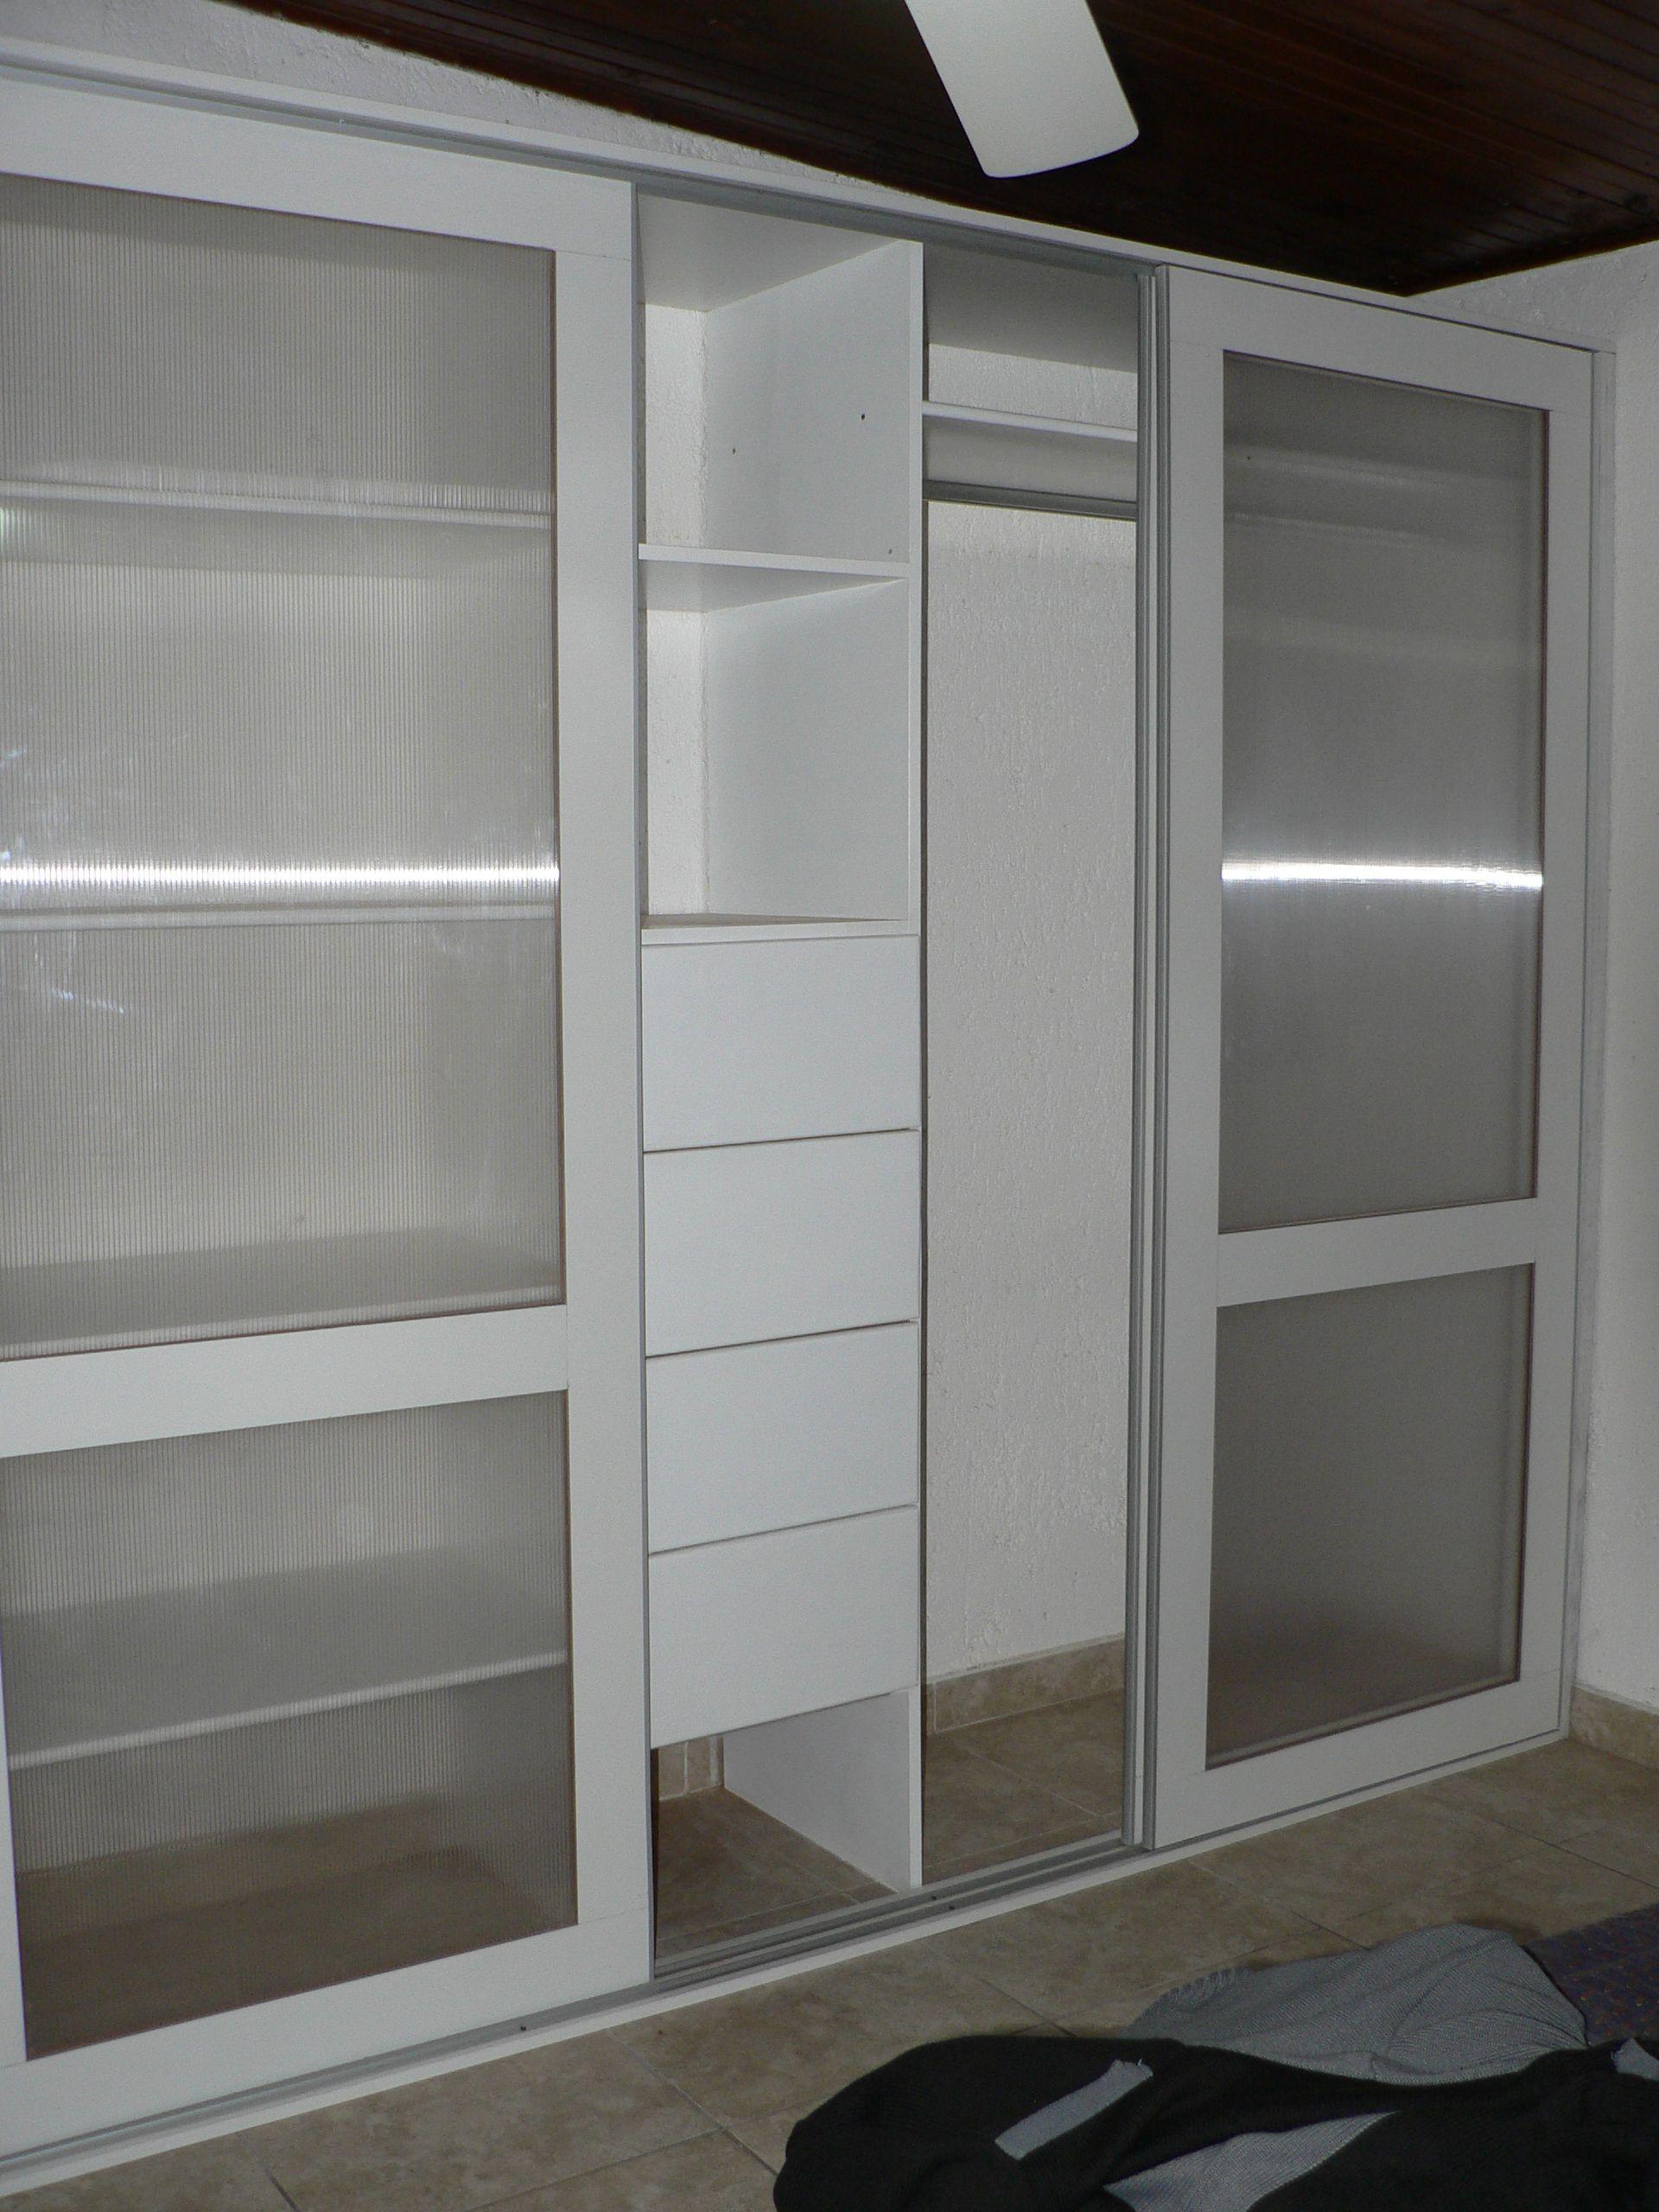 Pin by CREDIRUSTICO - La Forestal fabrica de muebles on PLACARES ...